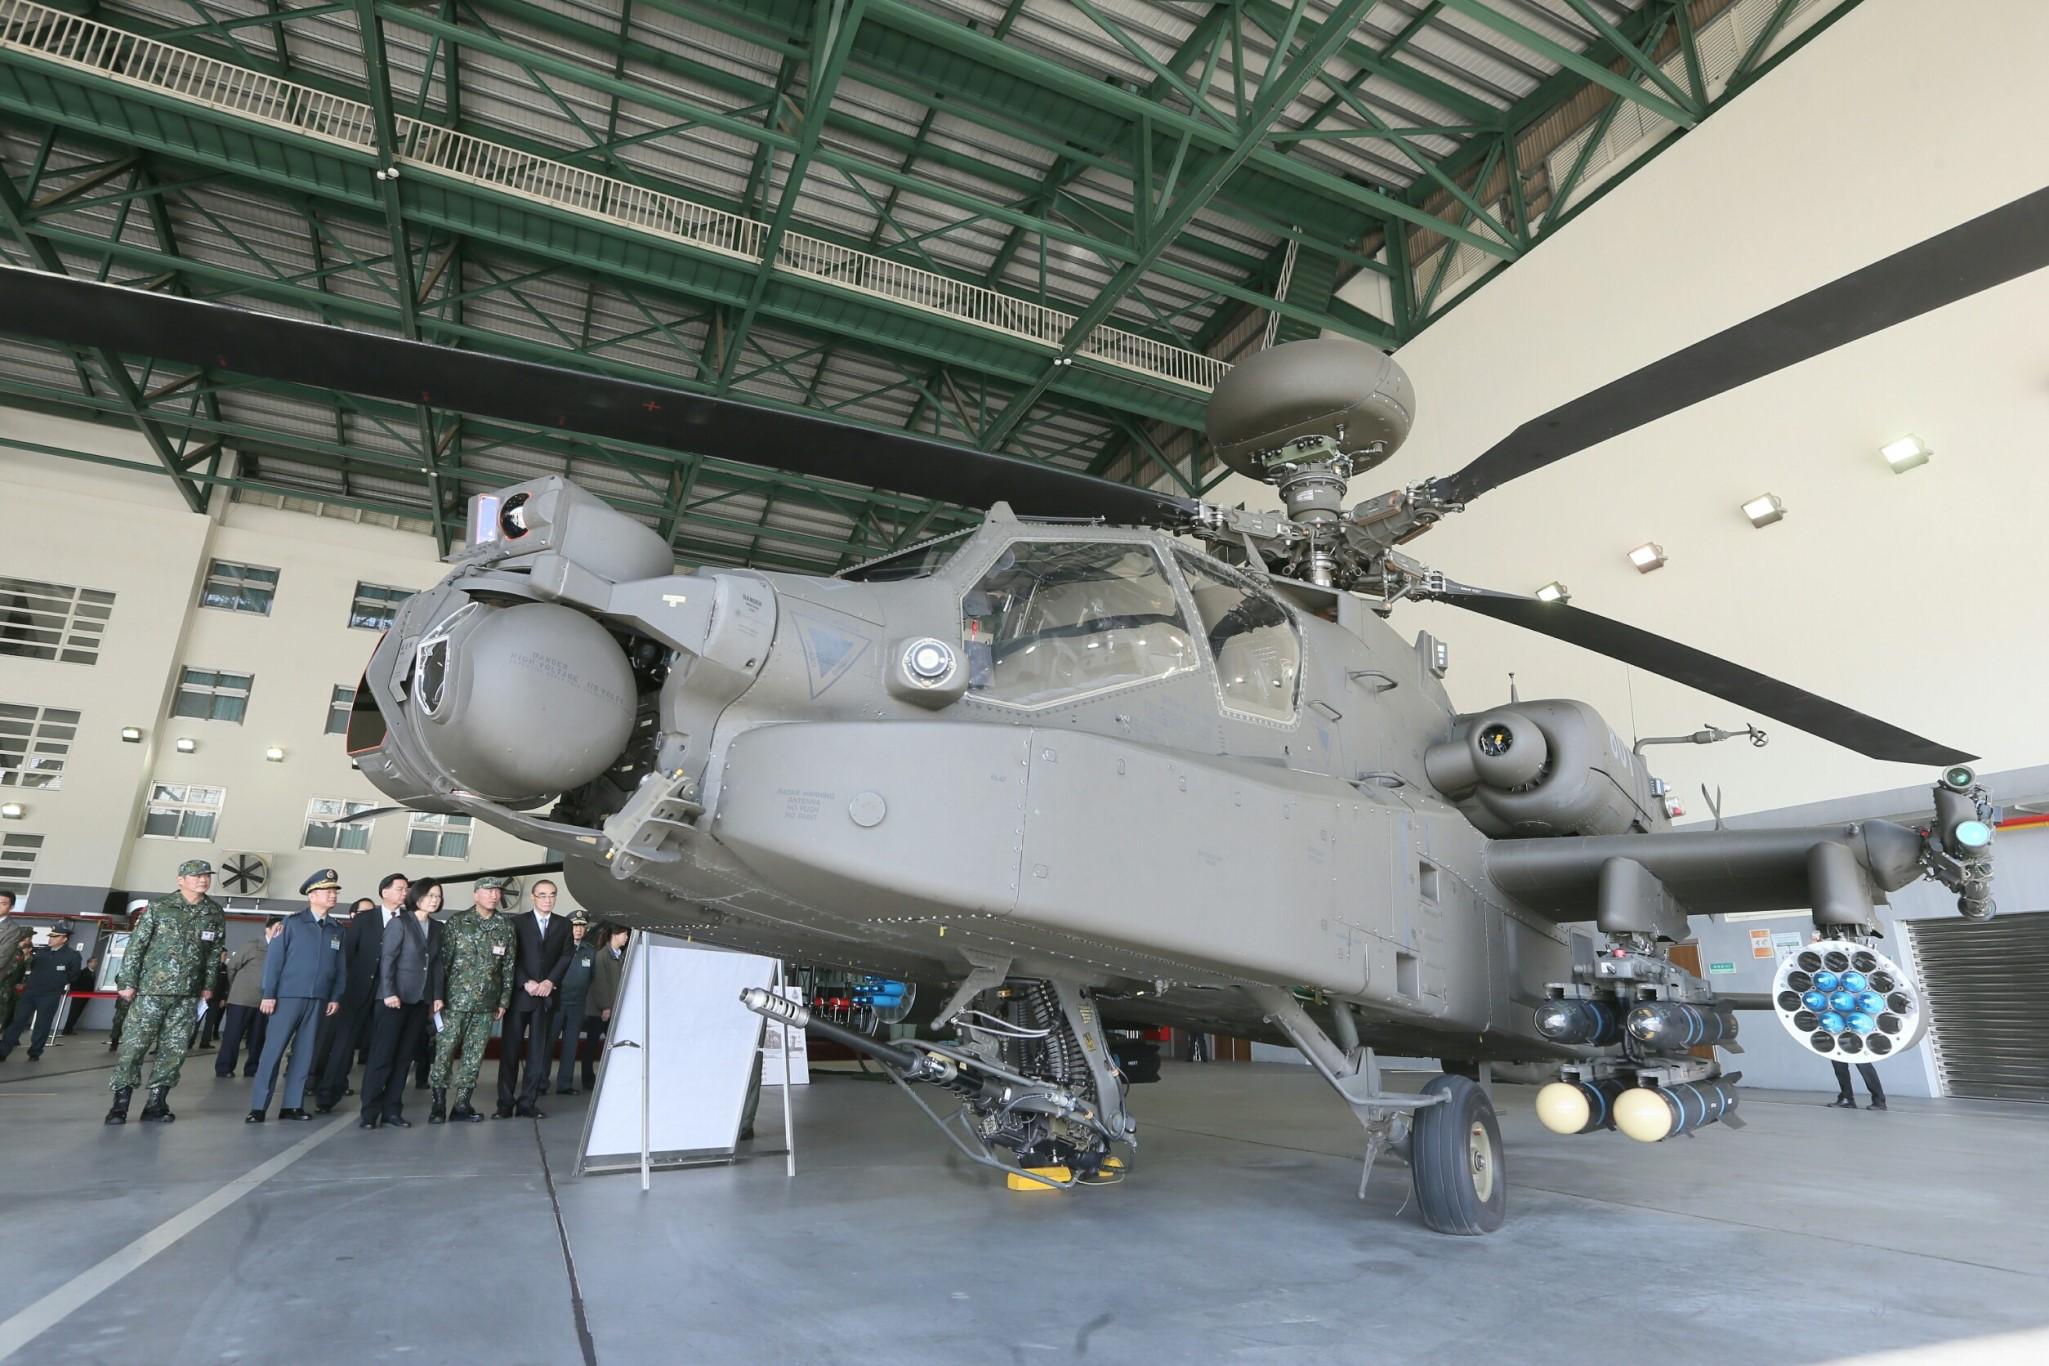 蔡英文總統12月30日視導「陸軍航空601旅」,步行至飛機左側靜態展示區瞭解AH-64E直升機及UH-64M直升機的性能(總統府)